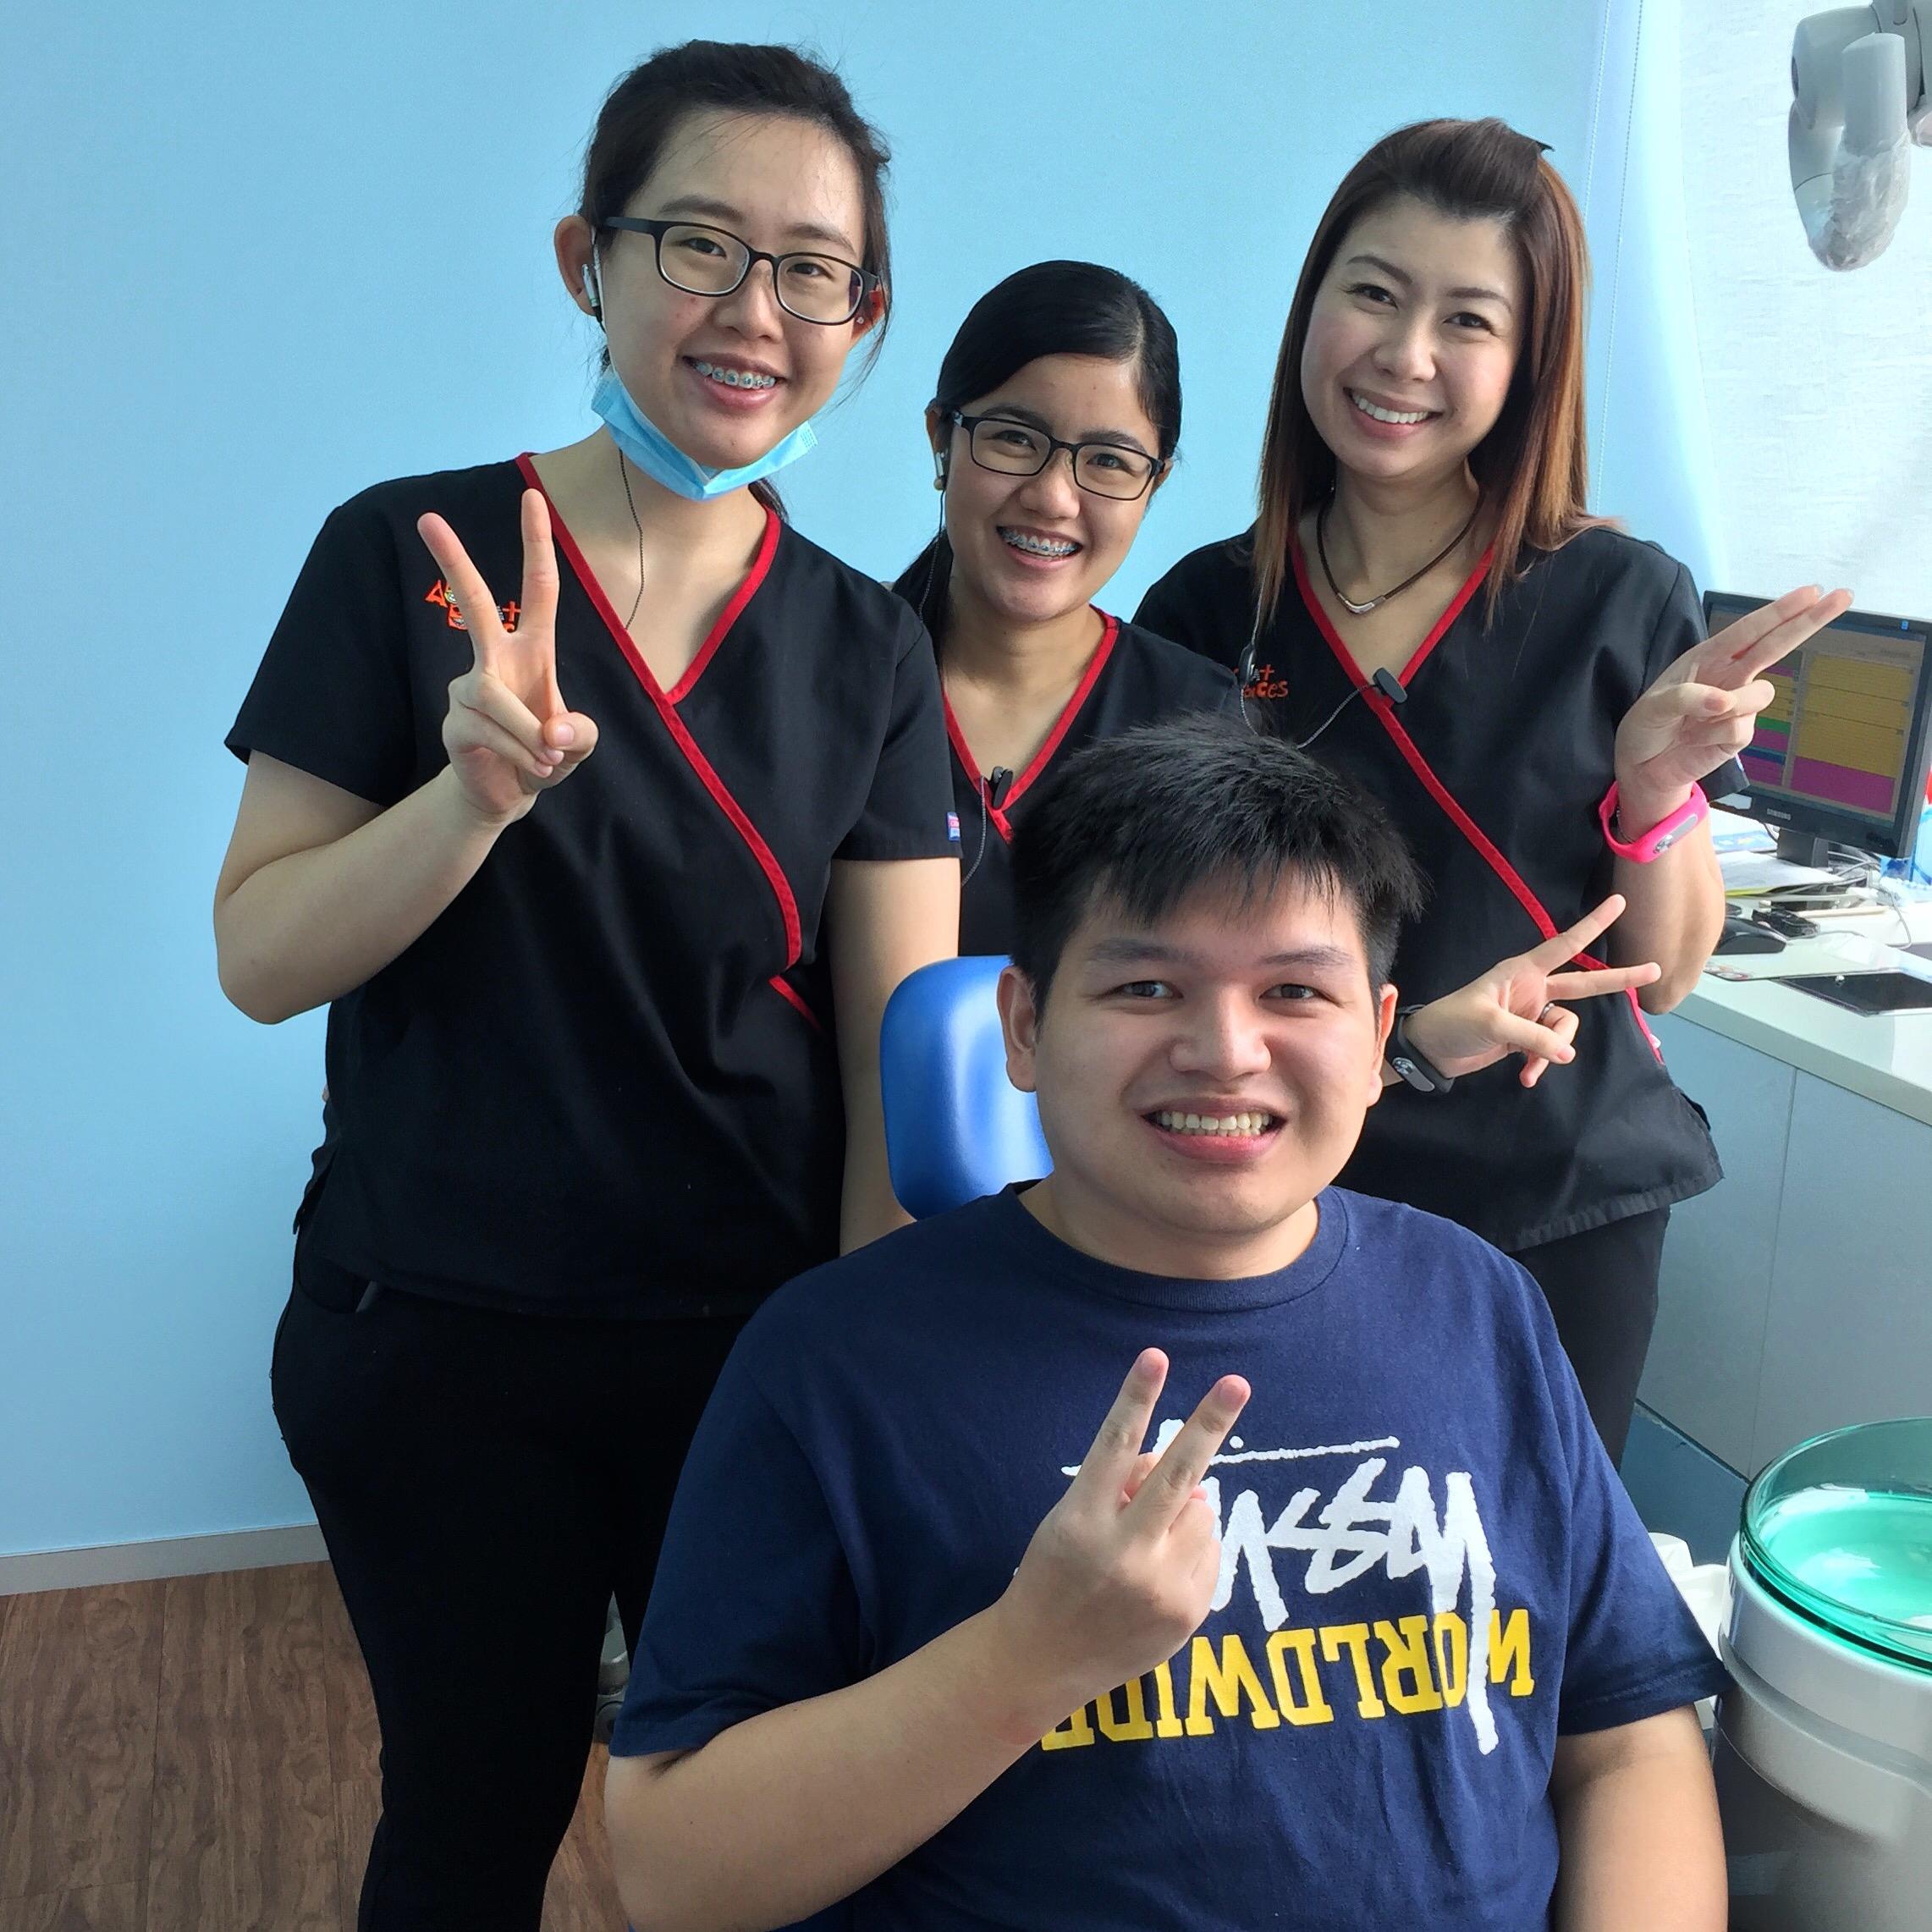 Affordable Braces Singapore - Patient Sugih